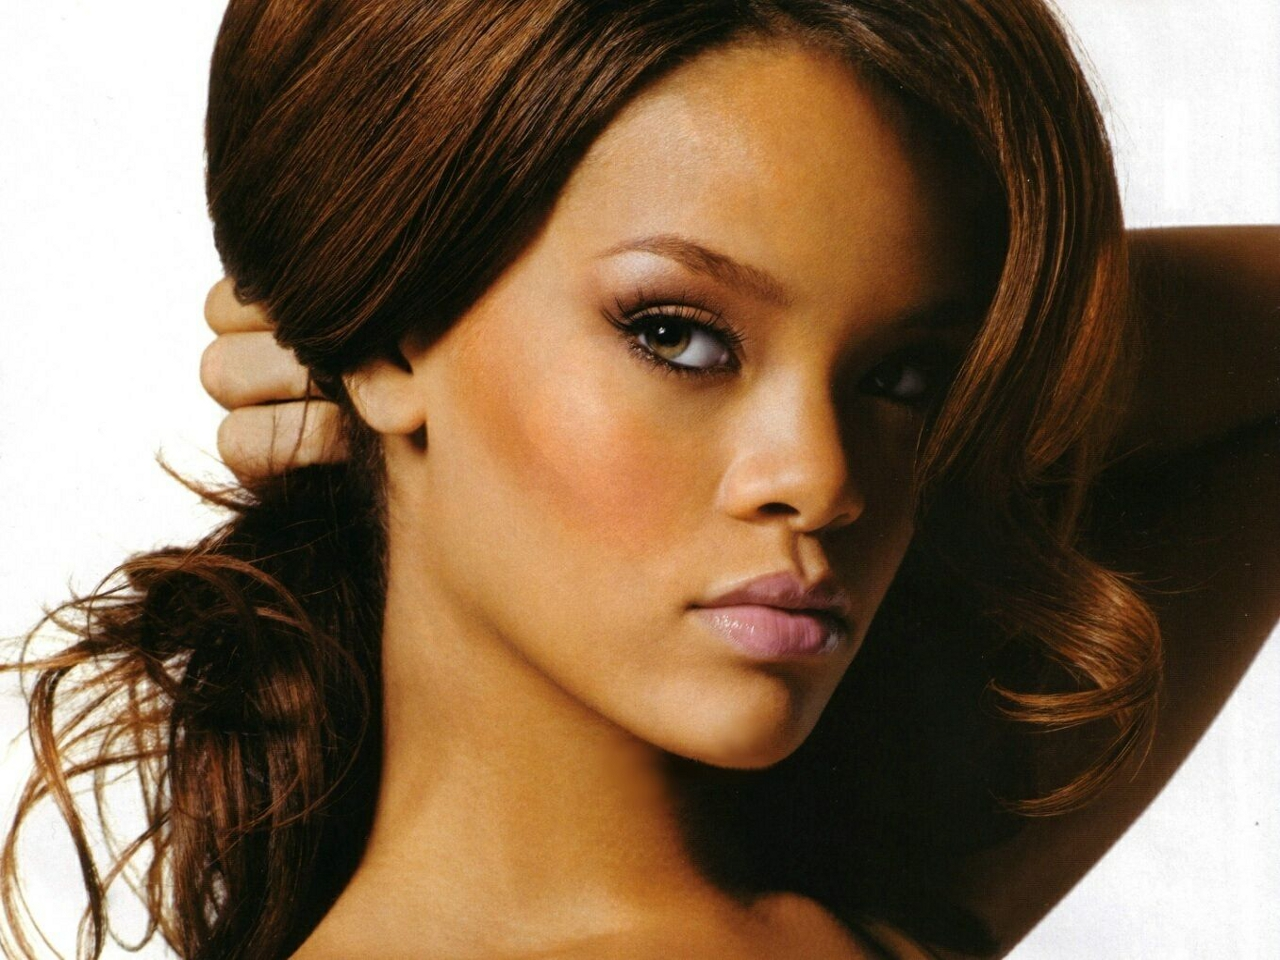 Rihanna rihanna tenderness Rihanna